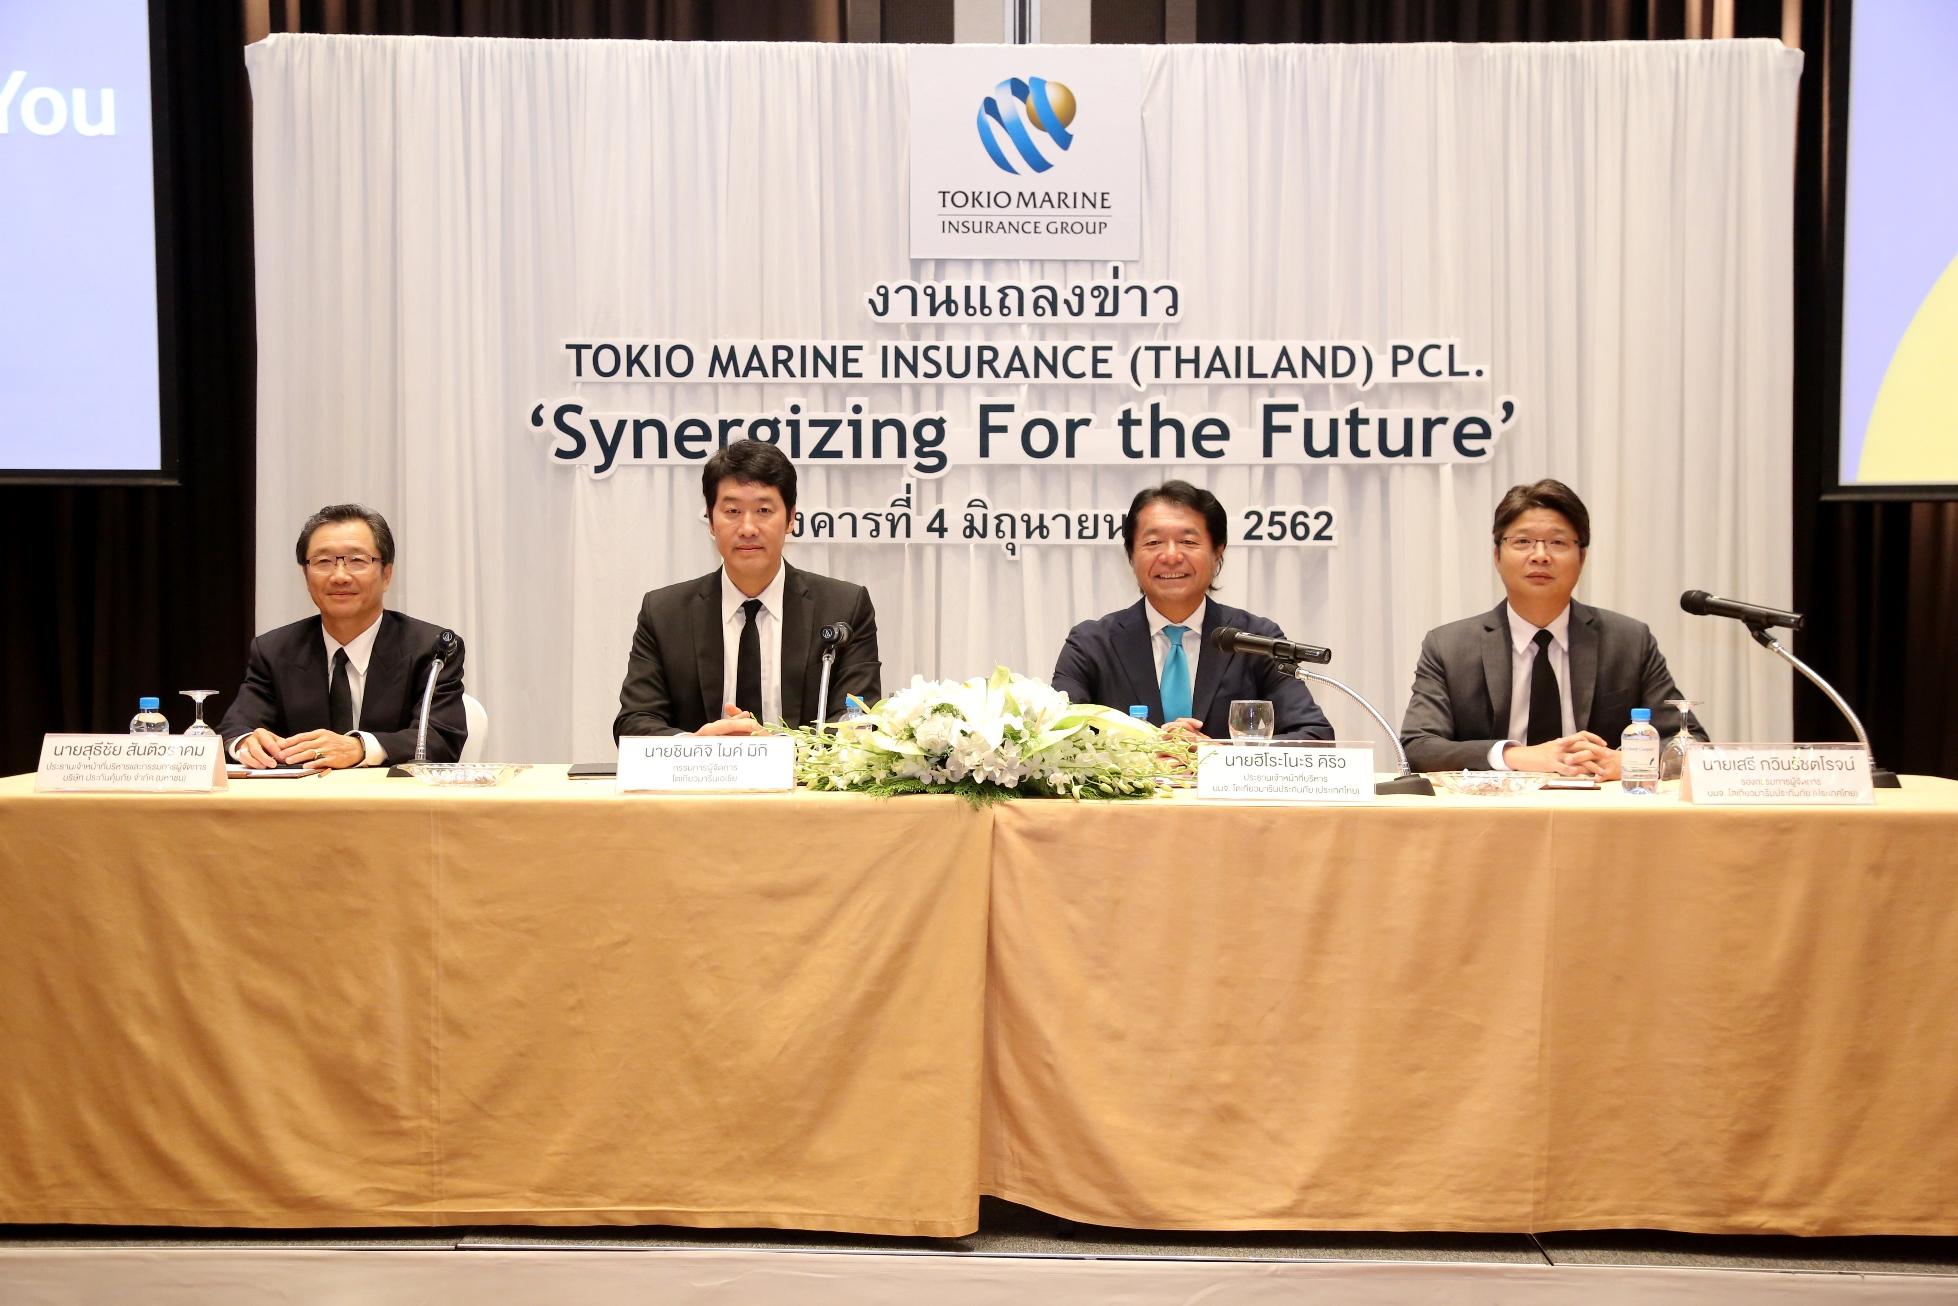 โตเกียวมารีนผนึกประกันคุ้มภัย พร้อมเป็นหนึ่งในผู้นำด้านประกันวินาศภัยไทย